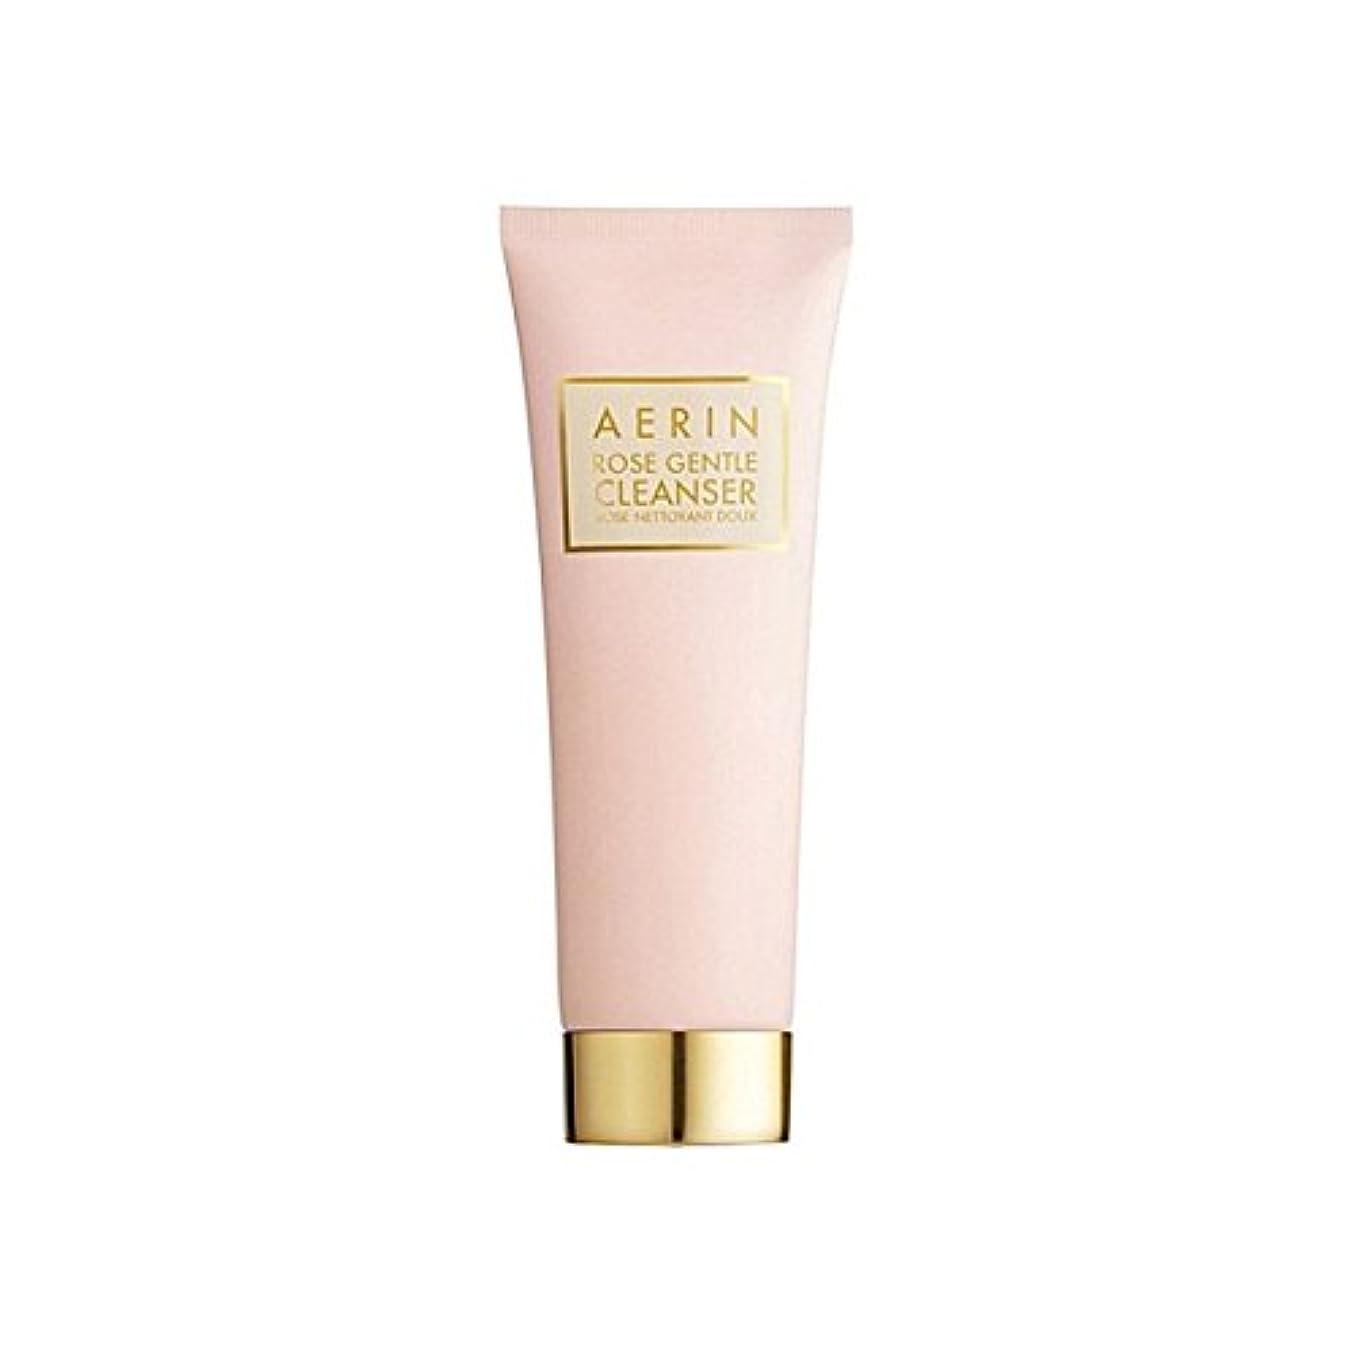 密輸その後徹底Aerin Rose Gentle Cleanser 125ml - はジェントルクレンザーの125ミリリットルをバラ [並行輸入品]